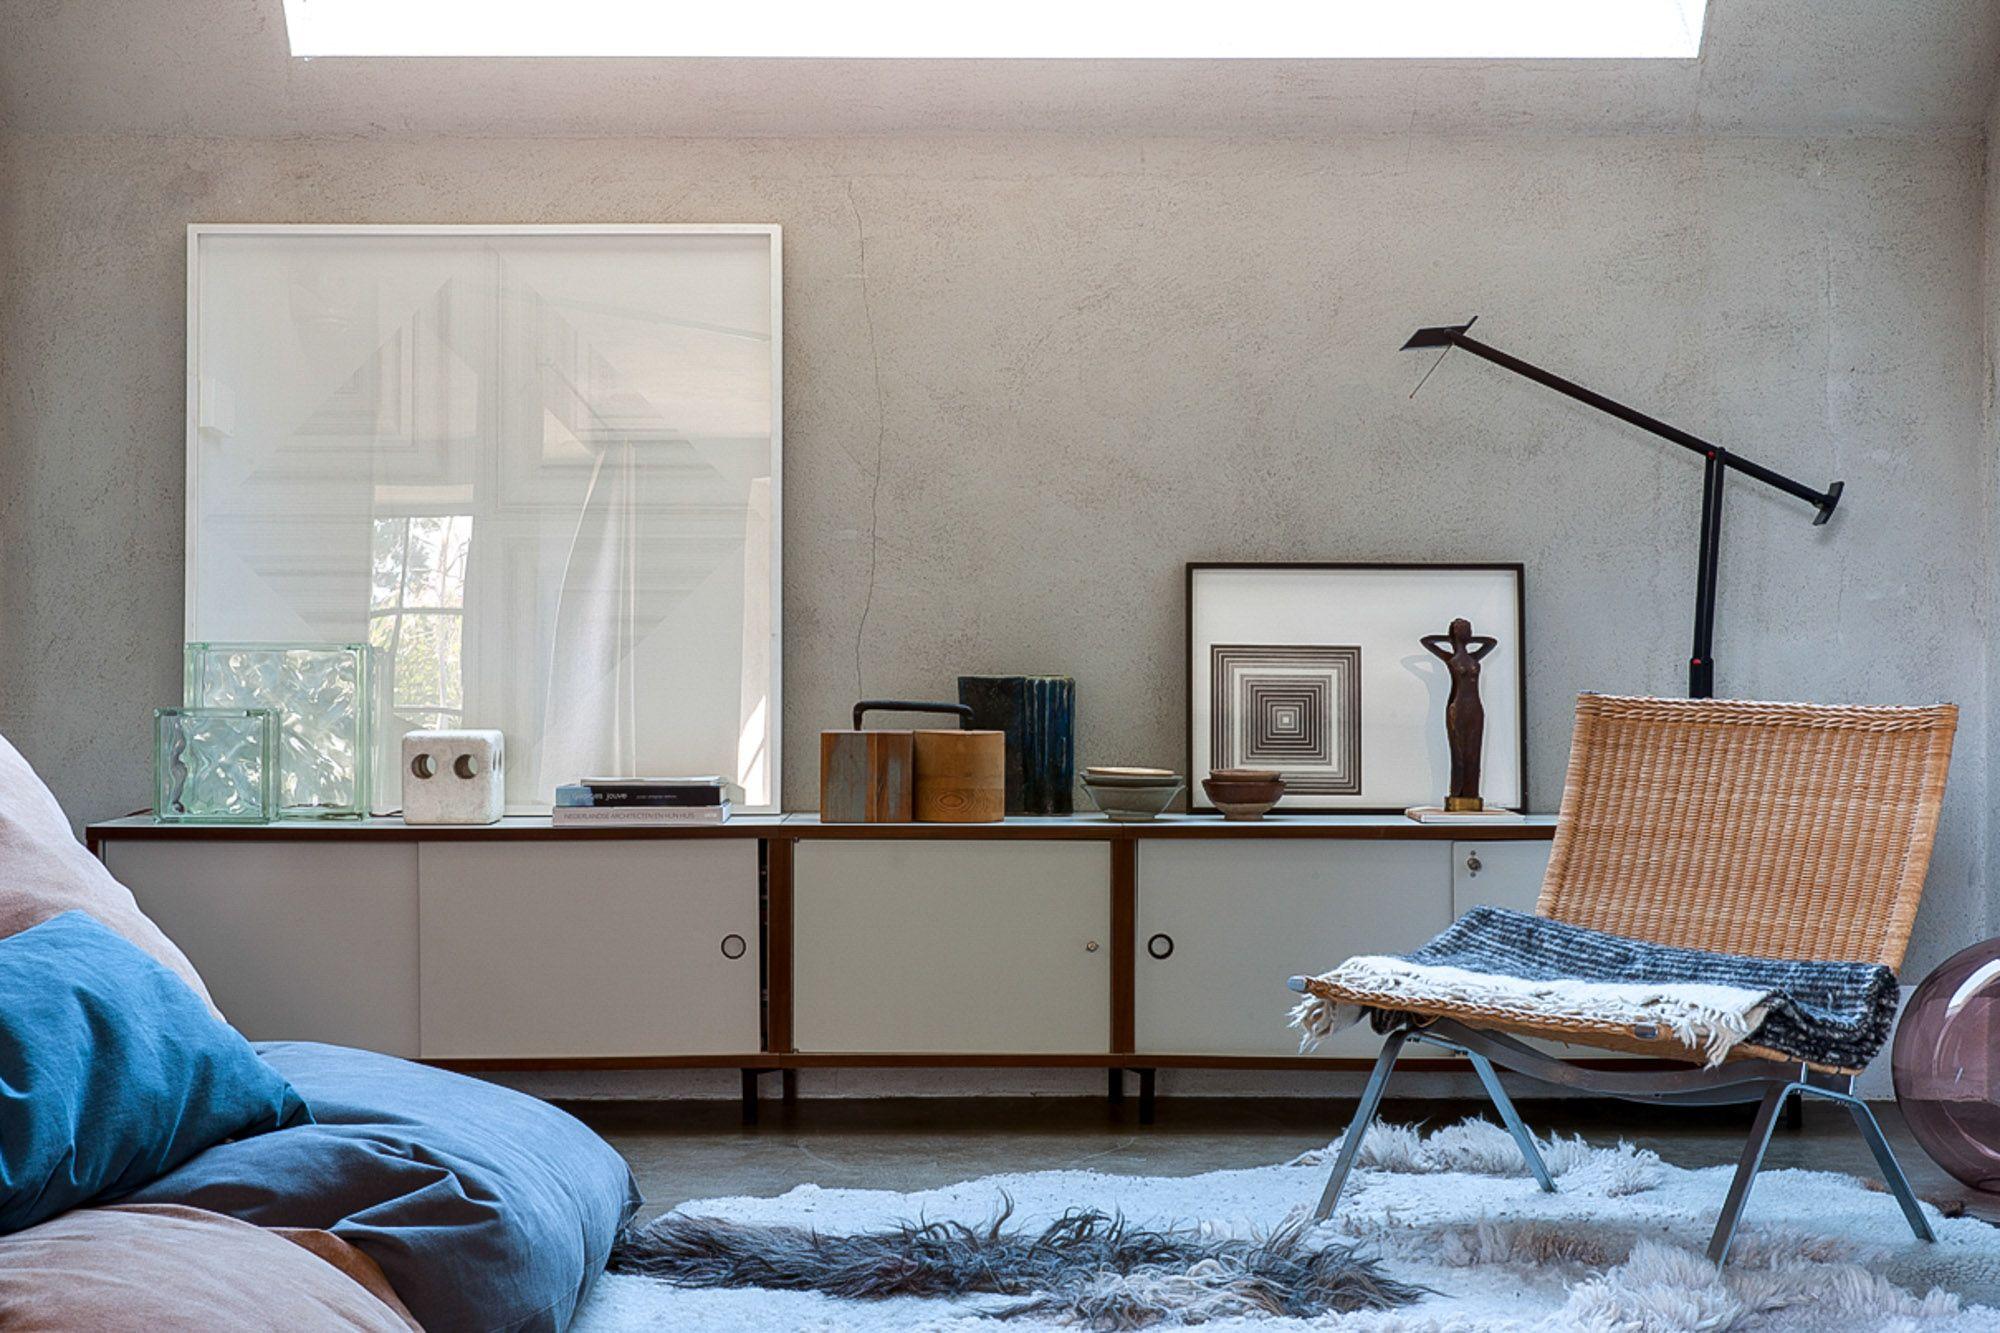 Lionel Jadot Architecte Maison De Bea Mombaers Knokke Le Zoute Interieur Espaces De Vie Decoration Maison